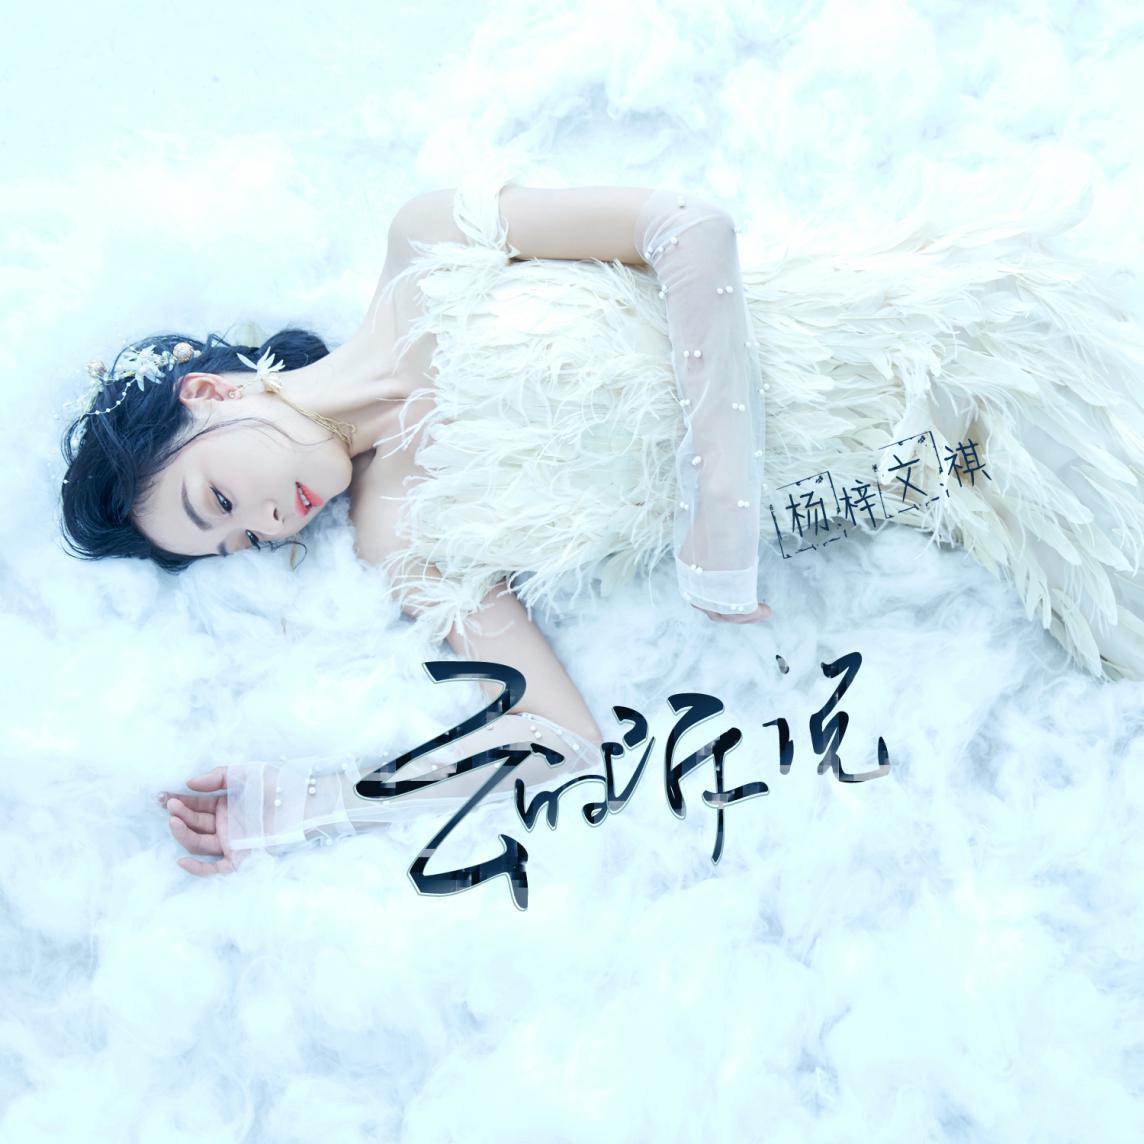 杨梓文祺推出新歌《云的诉说》 唯美旋律迎接2020